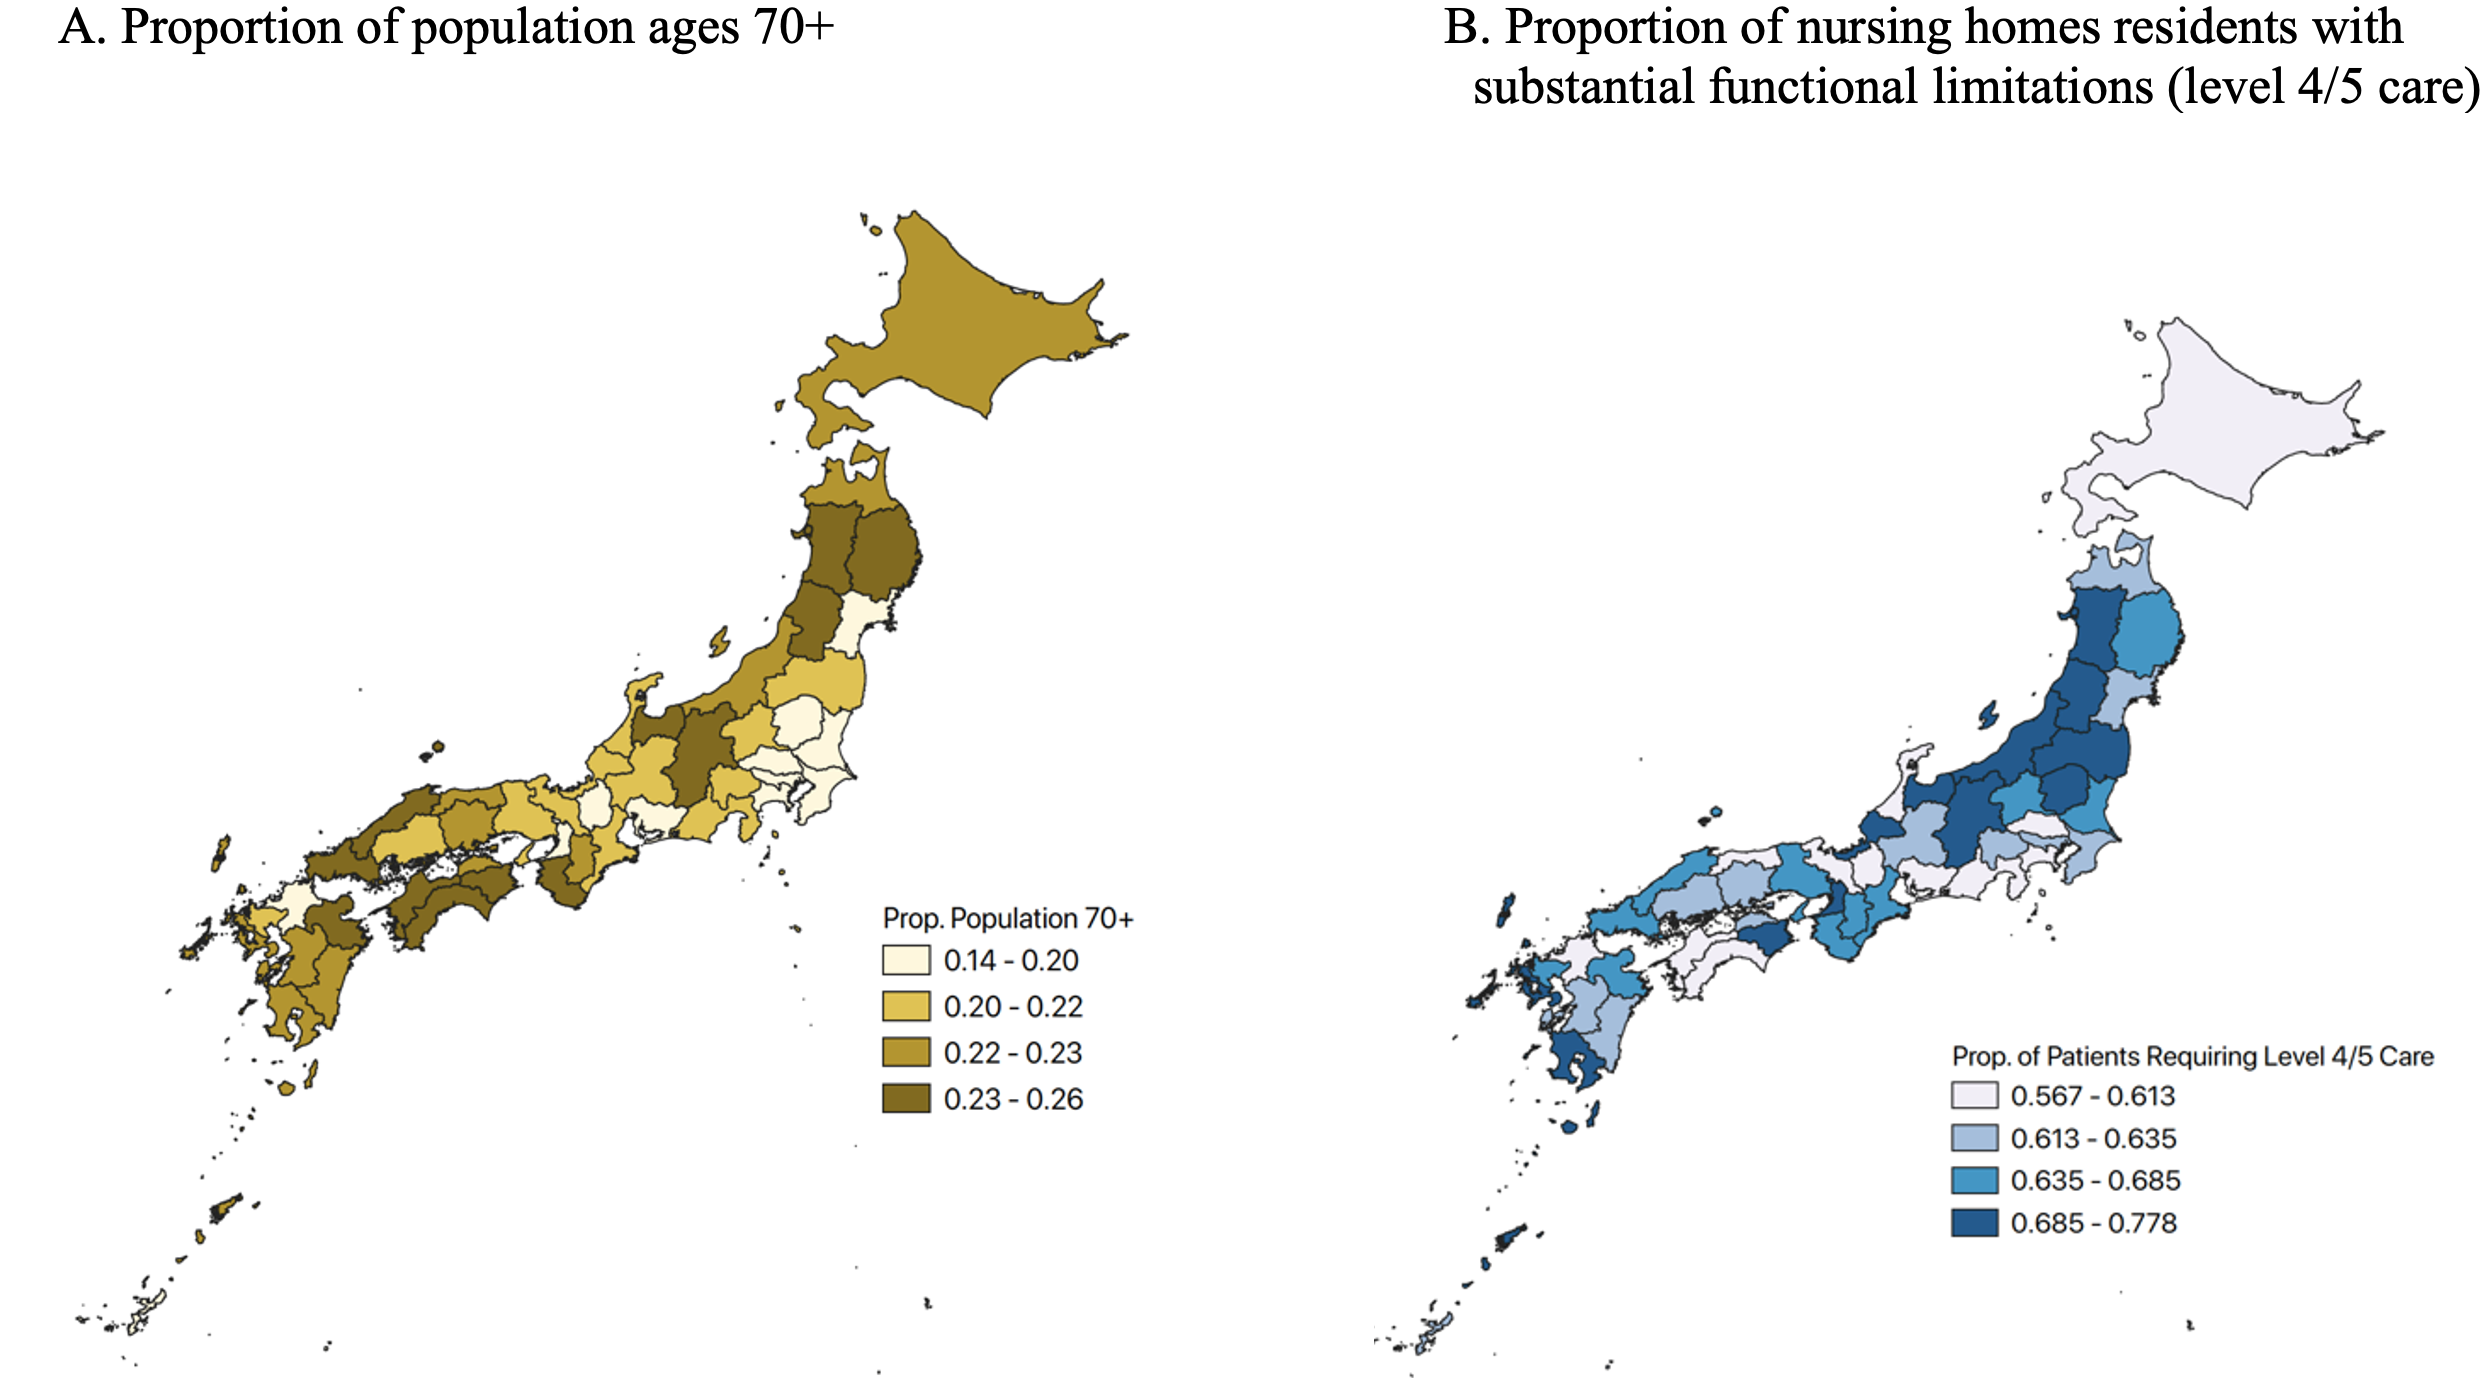 deux cartes du Japon, la première mettant en évidence le lieu de résidence des personnes âgées de 70 ans et plus et la seconde mettant en évidence la proportion de résidents de maisons de retraite ayant des limitations fonctionnelles importantes.